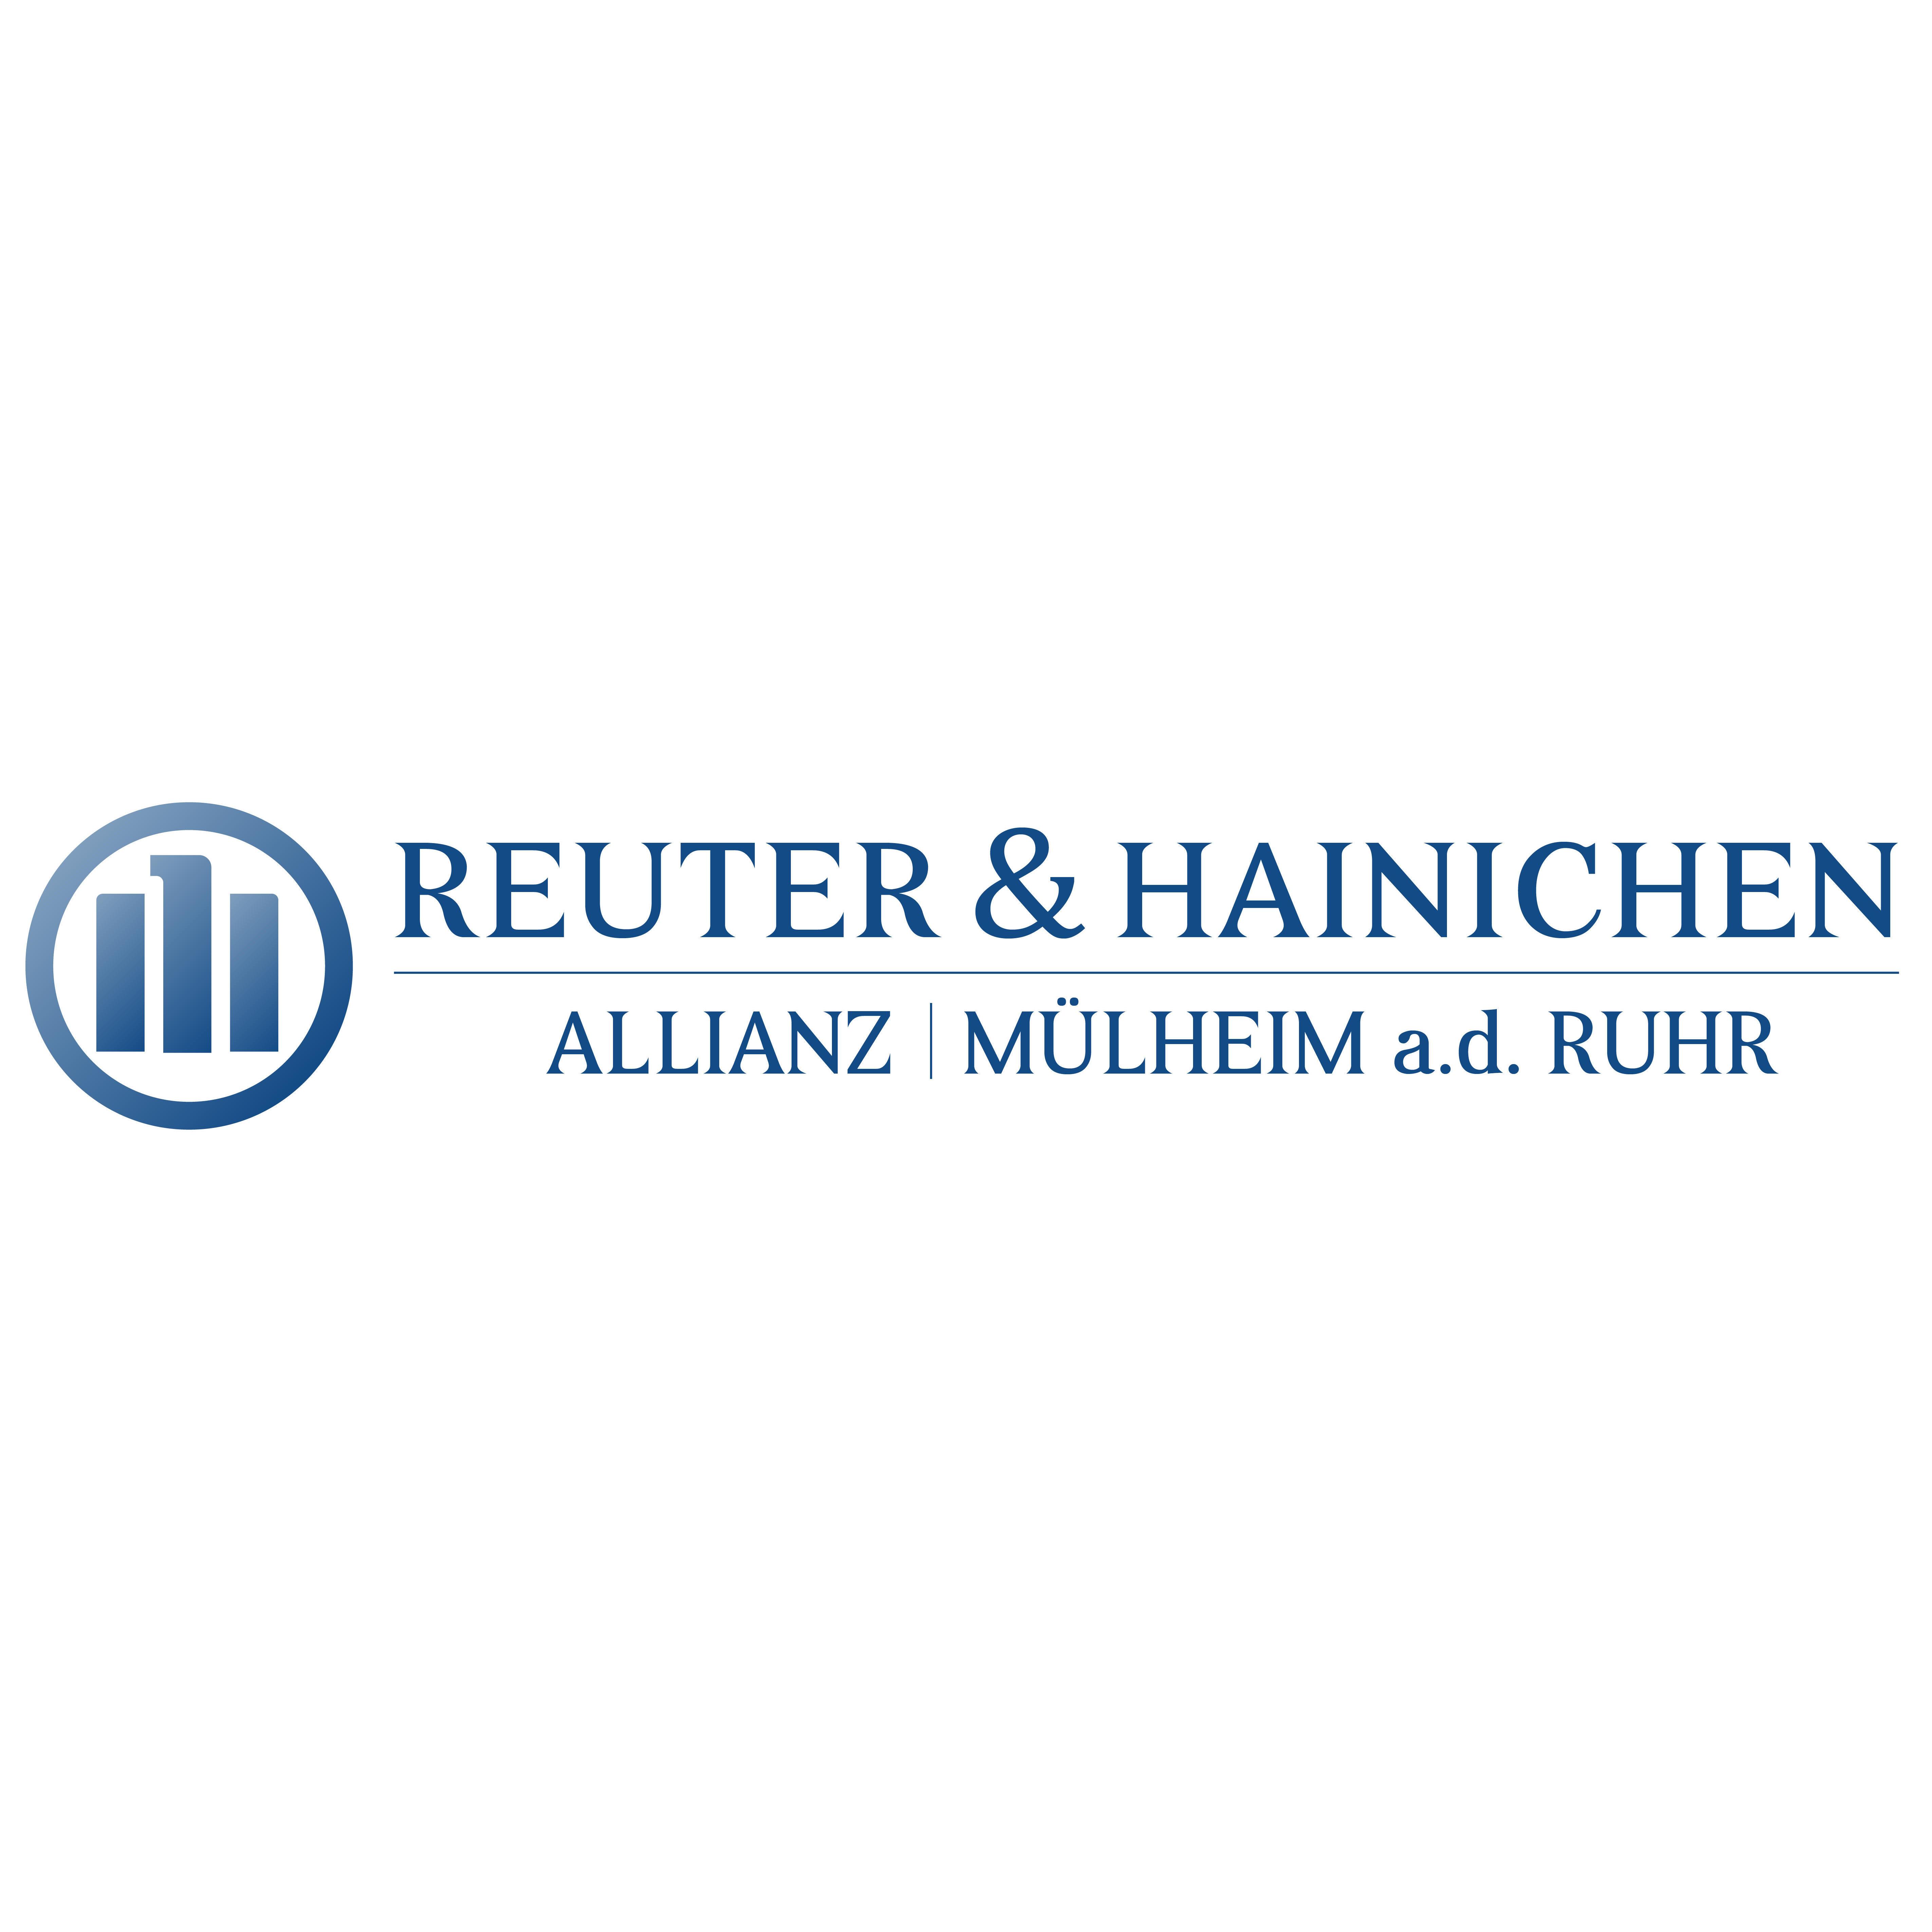 Bild zu Allianz Agentur Reuter & Hainichen in Mülheim an der Ruhr